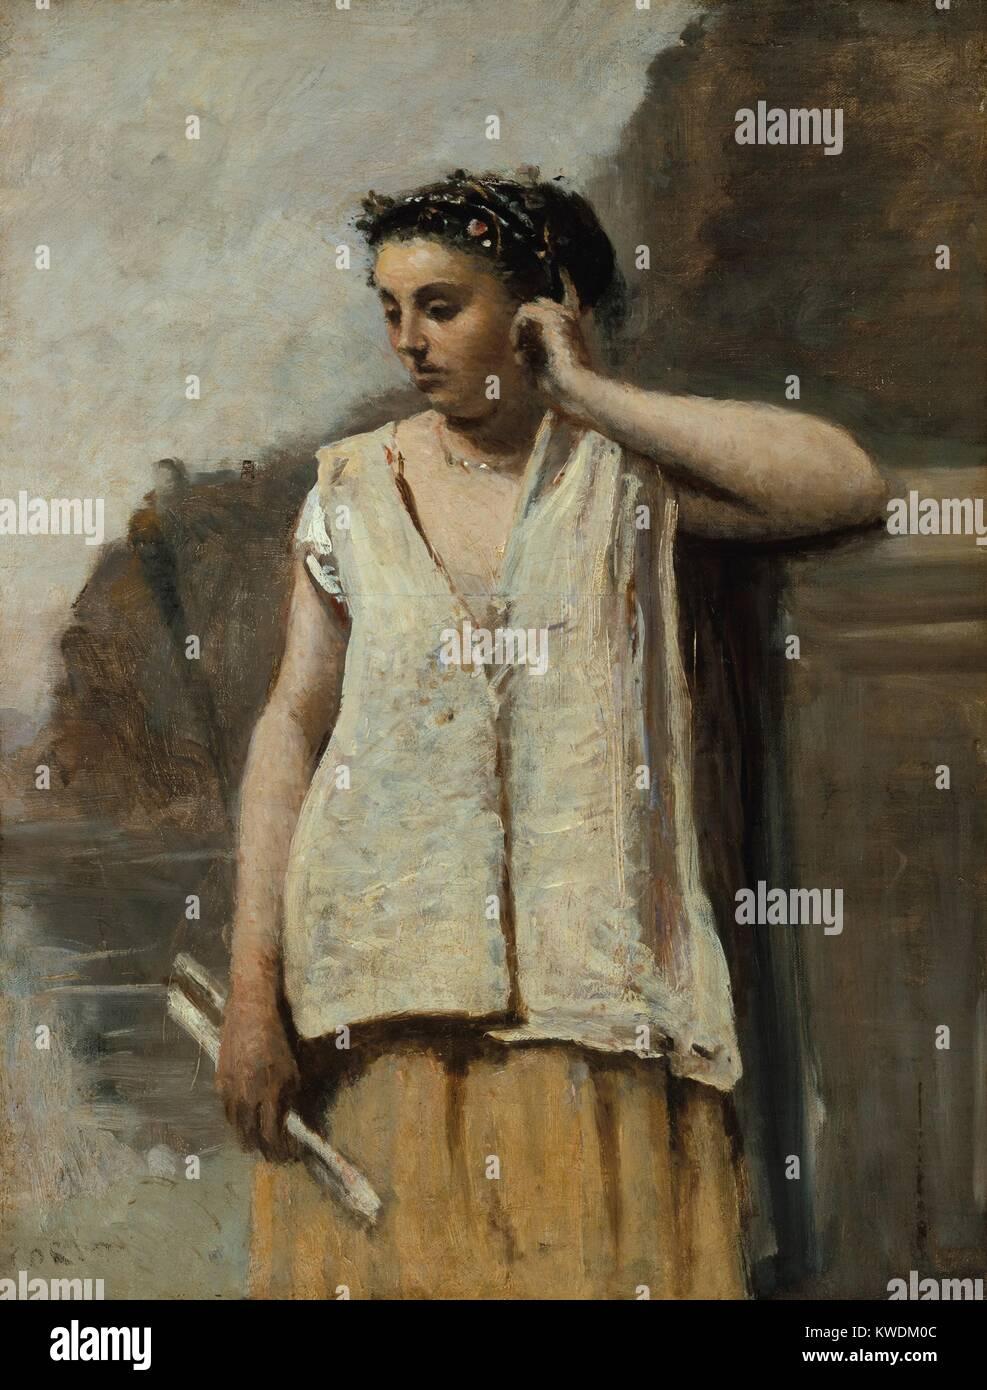 Der MUSE: Geschichte, von Camille Corot, 1865, Französische Malerei, Öl auf Leinwand. Die naturalistische Stockbild